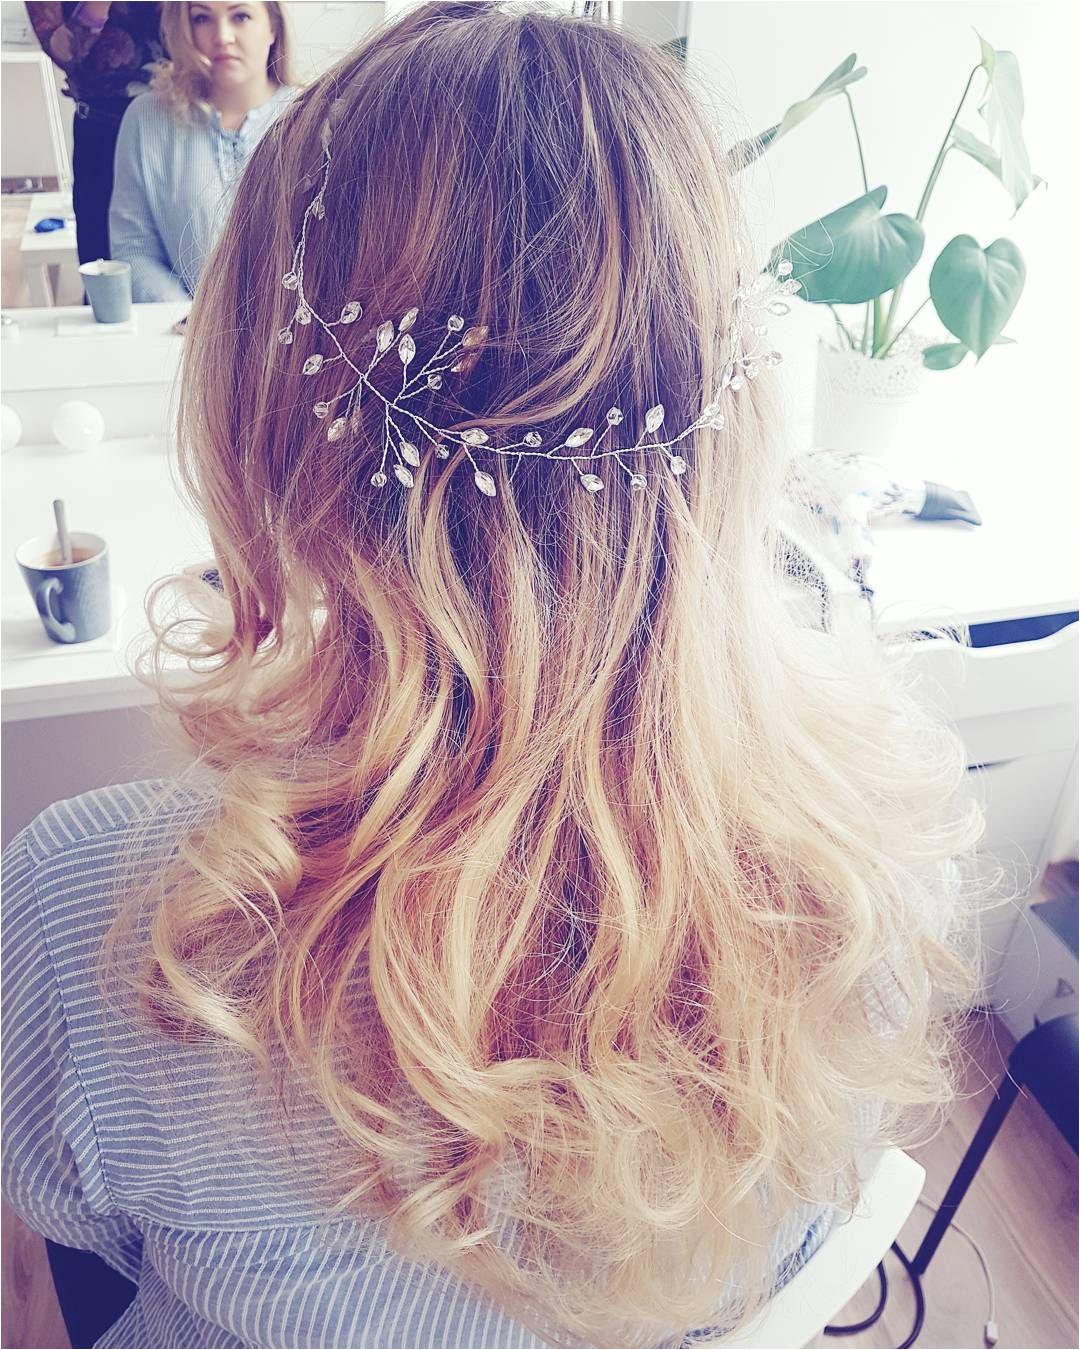 Takie cudowności się robią dziś Ozdoba od noviablanca weddinghair wedding hair hairstyle blonde longhair waves curlyhair girl model sombre